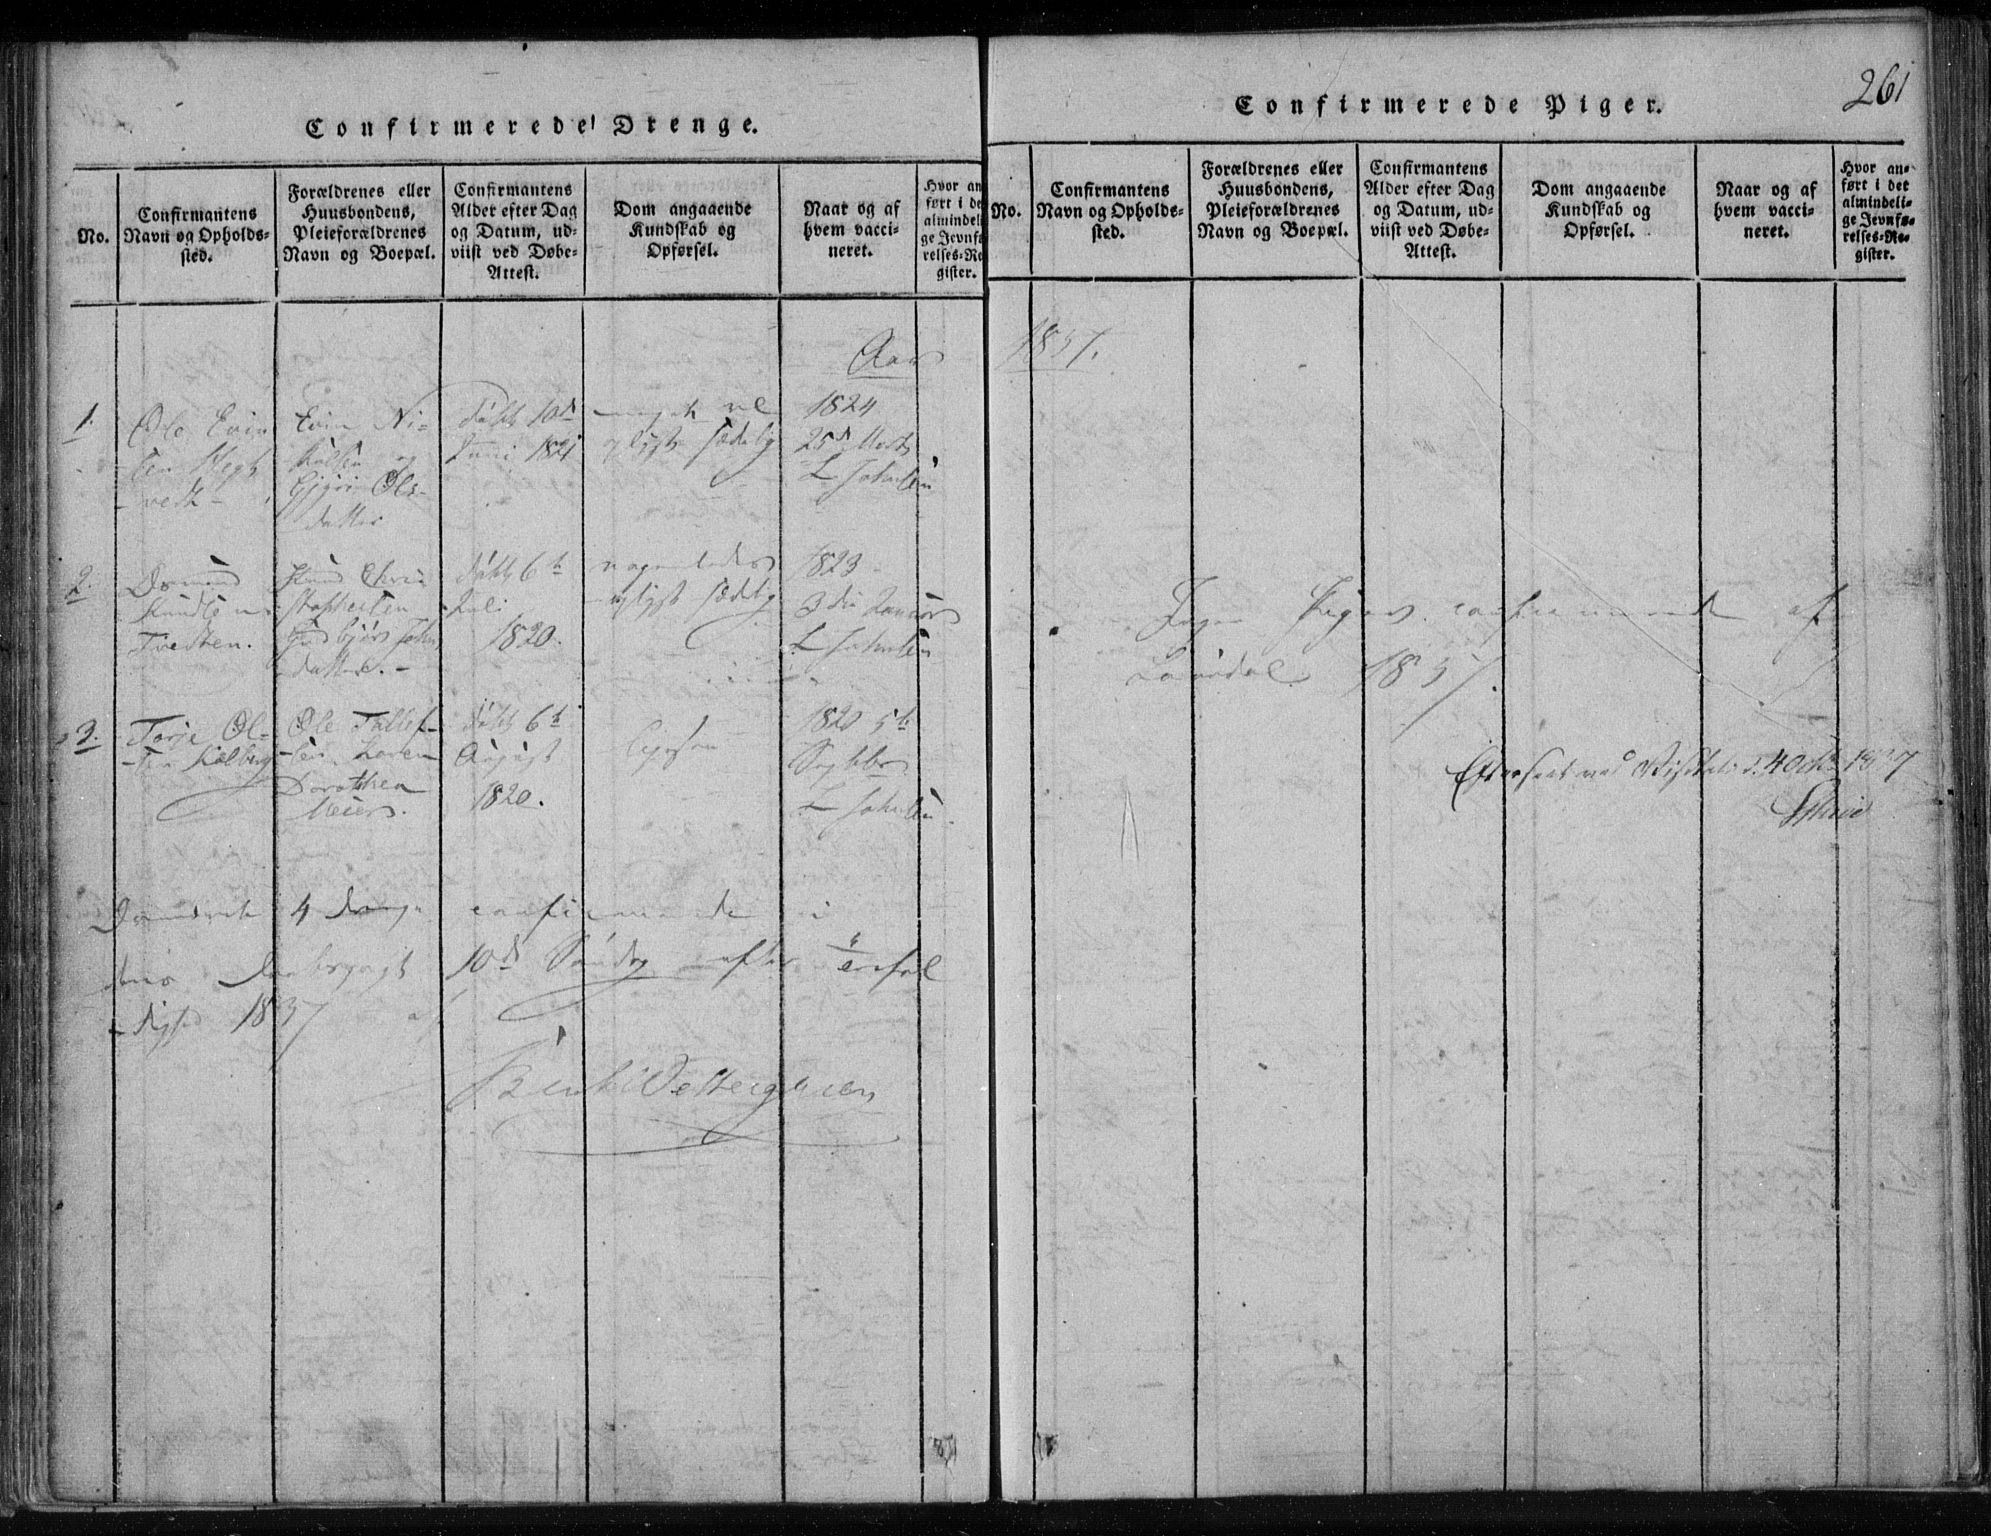 SAKO, Lårdal kirkebøker, F/Fa/L0005: Ministerialbok nr. I 5, 1815-1860, s. 261